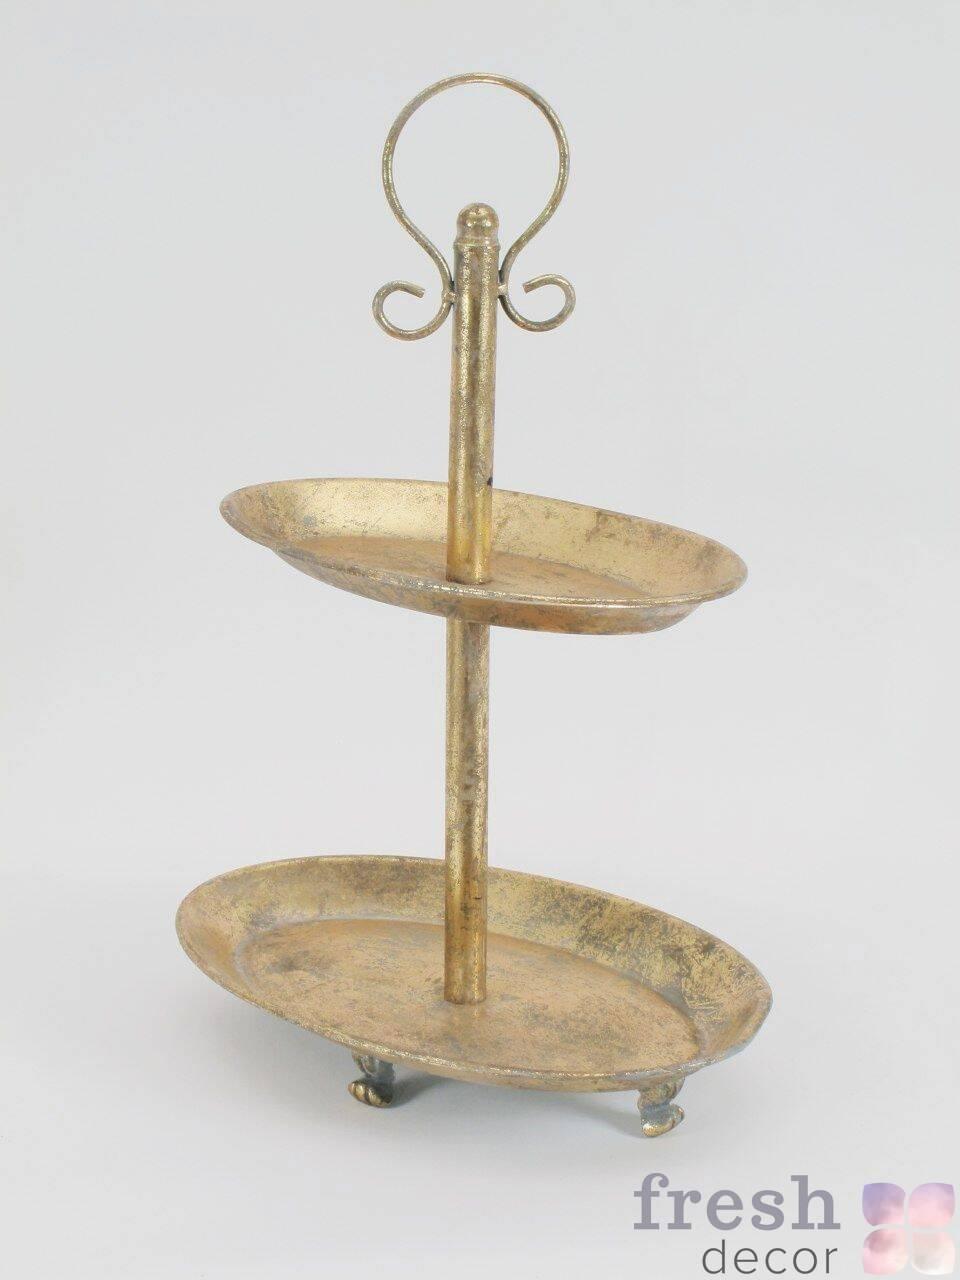 x yarusnaya pirozhennica iz bronzy i latuni v prokat